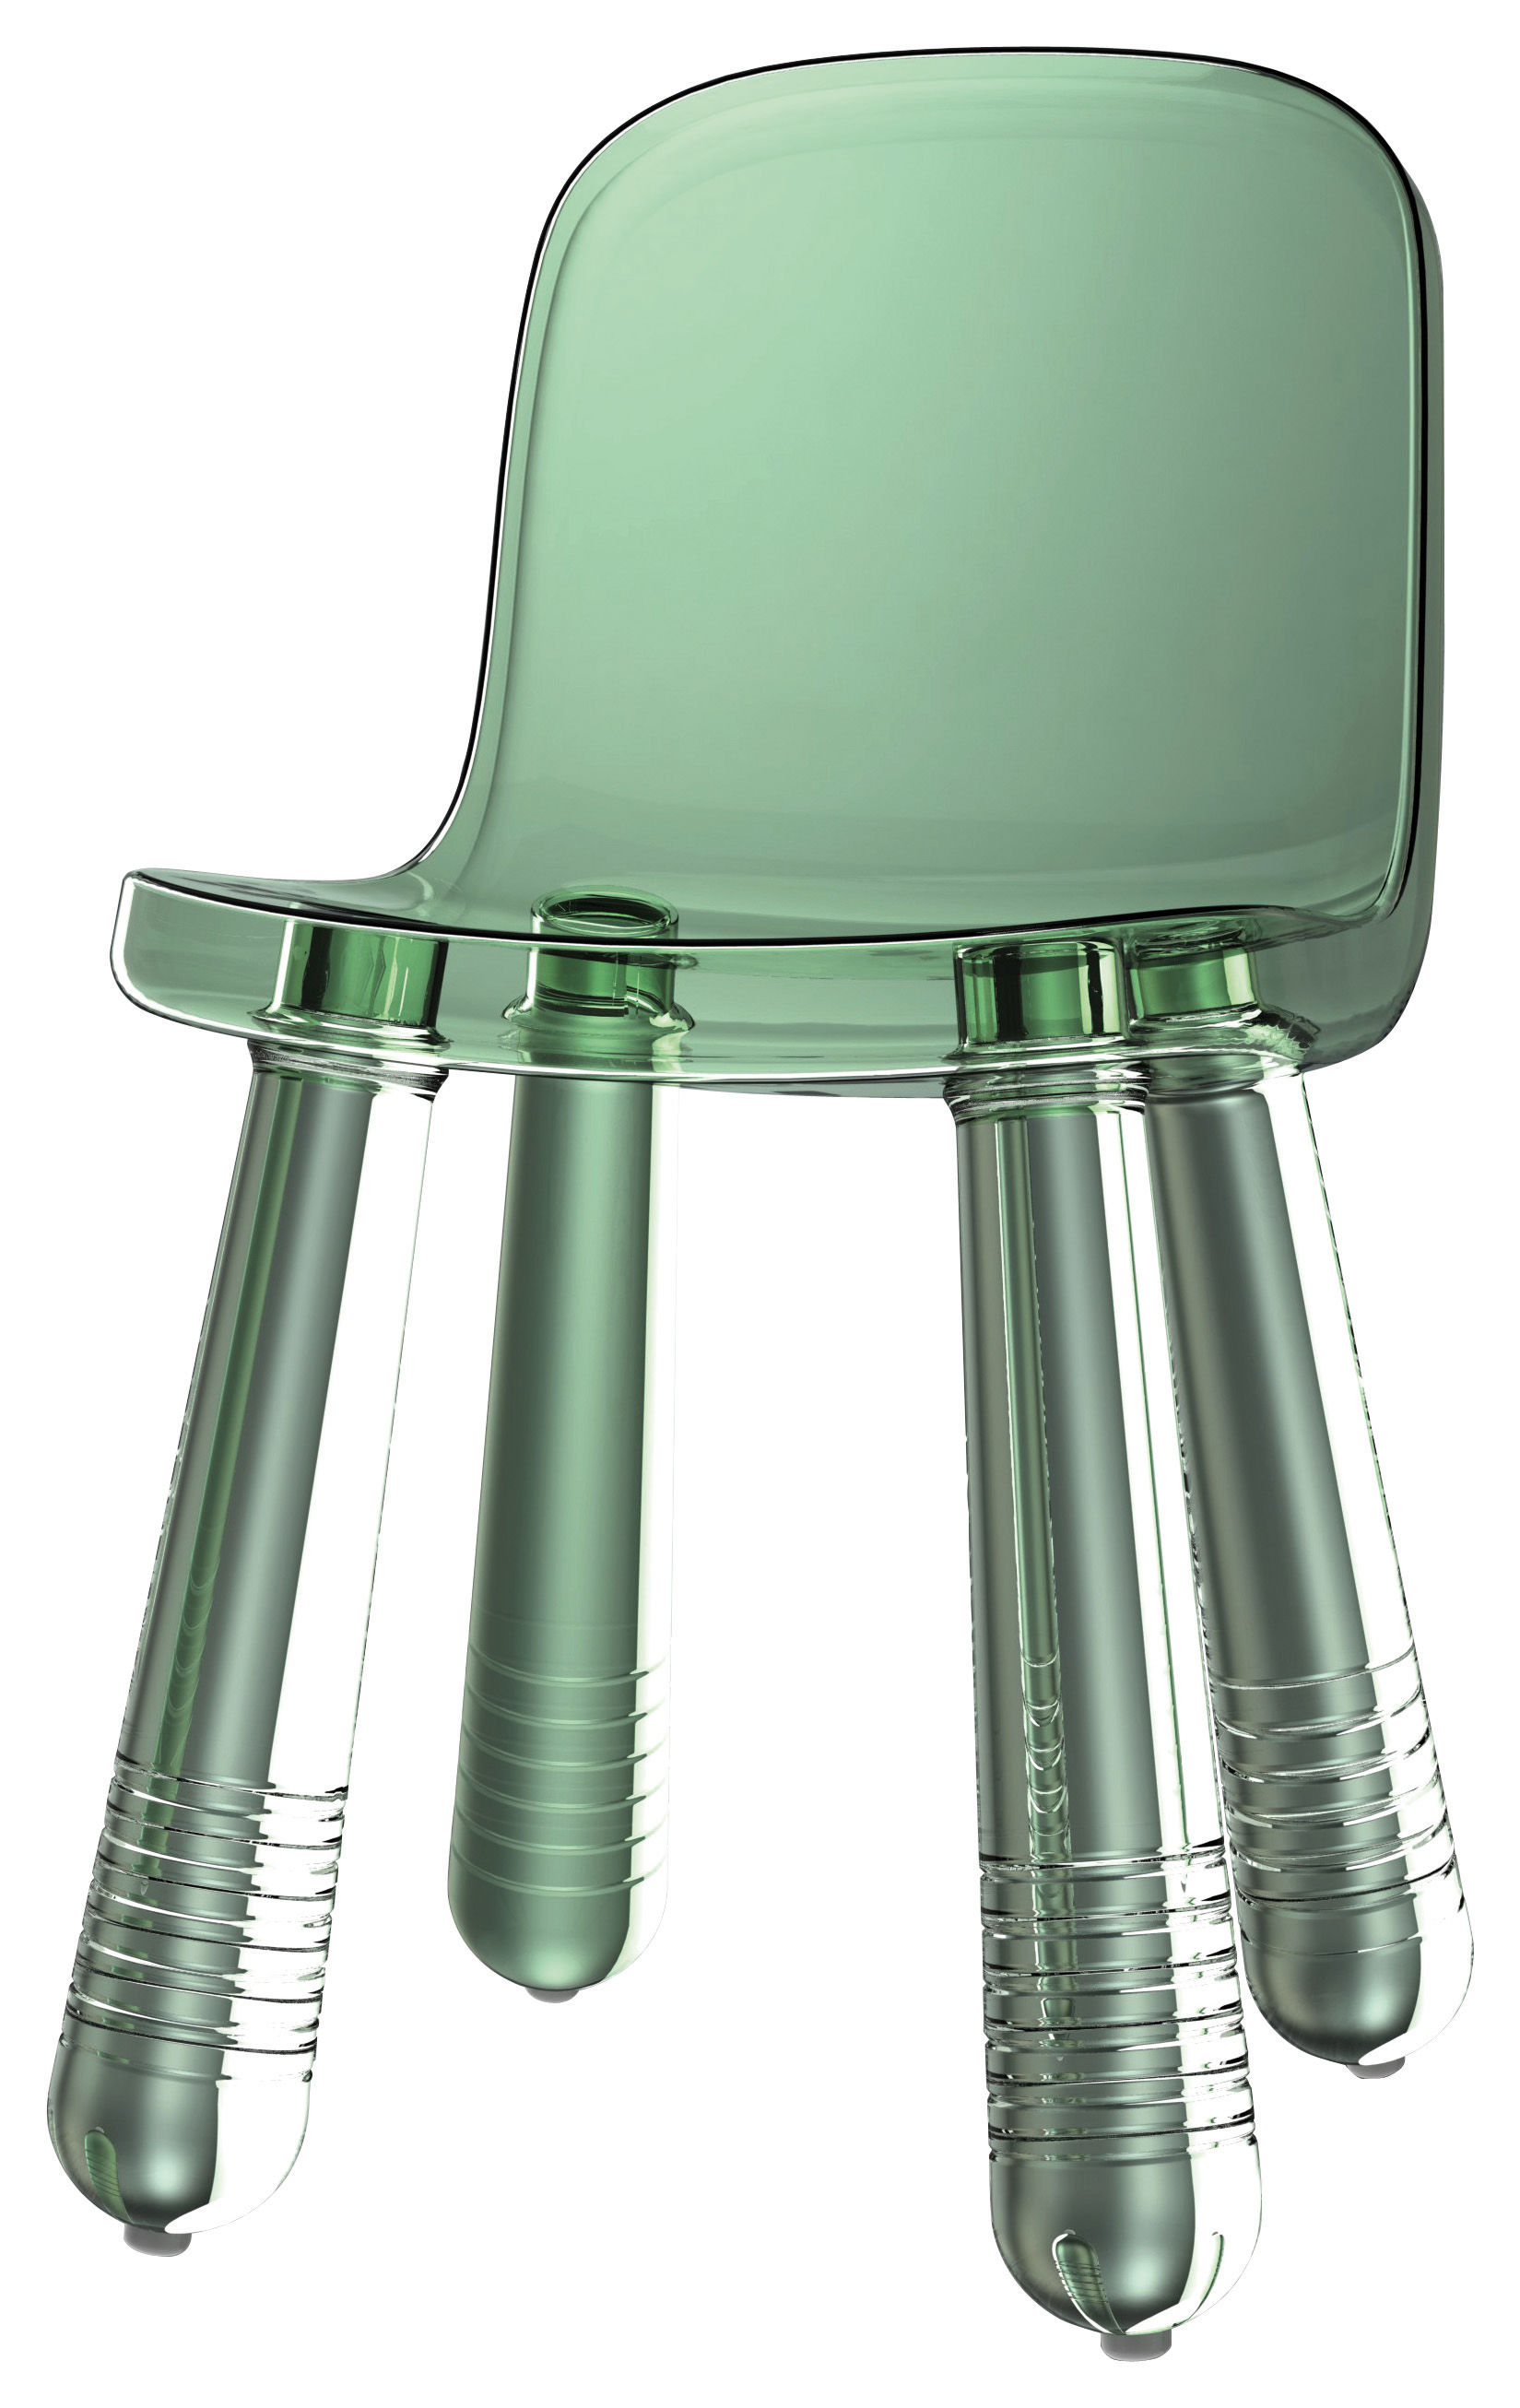 Mobilier - Chaises, fauteuils de salle à manger - Chaise Sparkling - Magis - Vert translucide - Polyéthylène